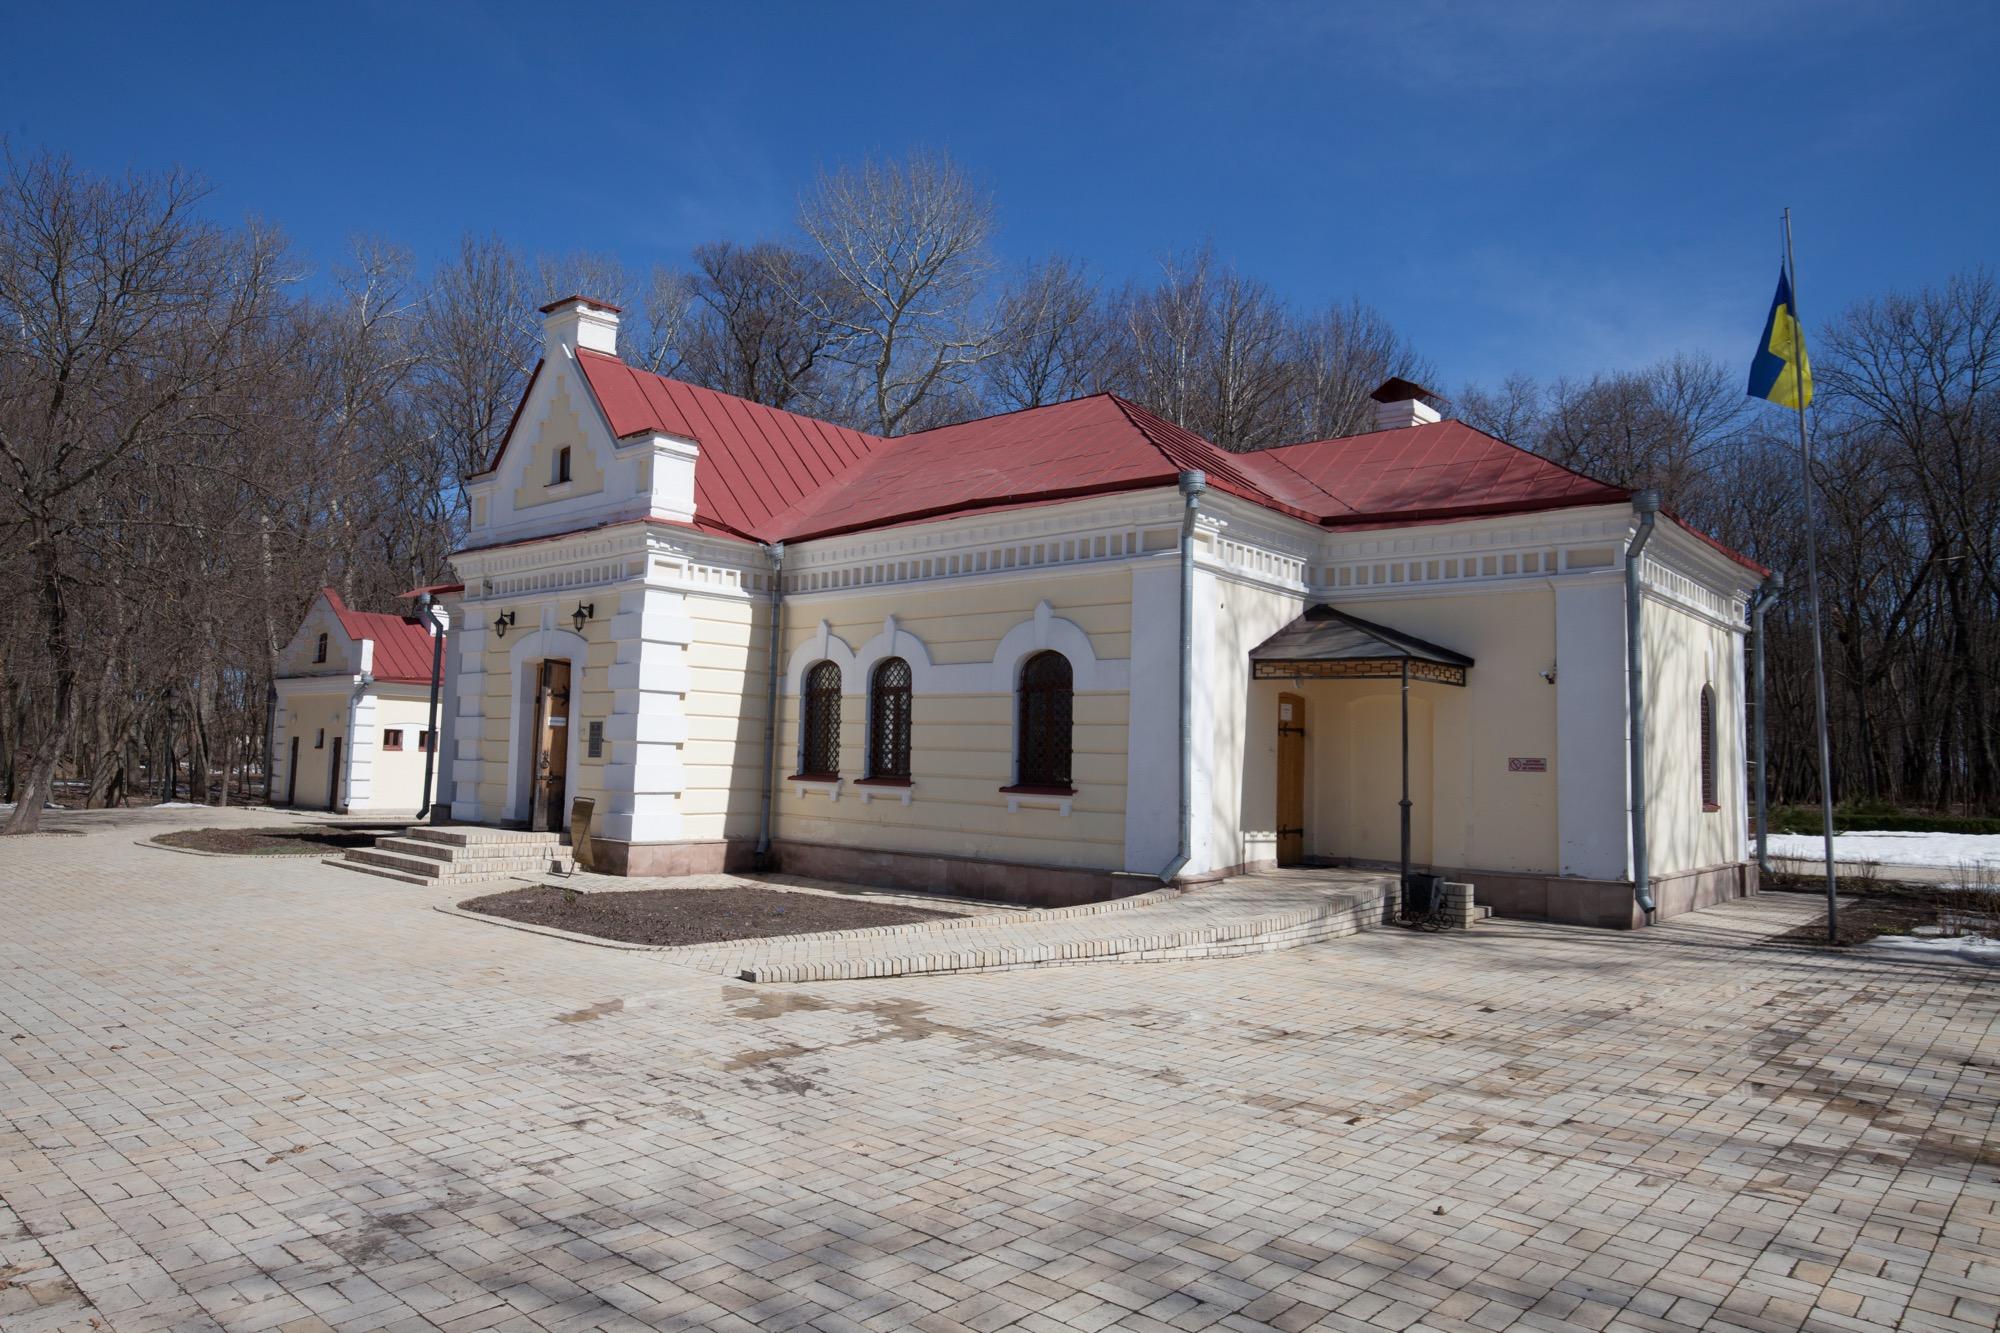 Будинок-музей  Генерального  судді  Кочубея в Батурині